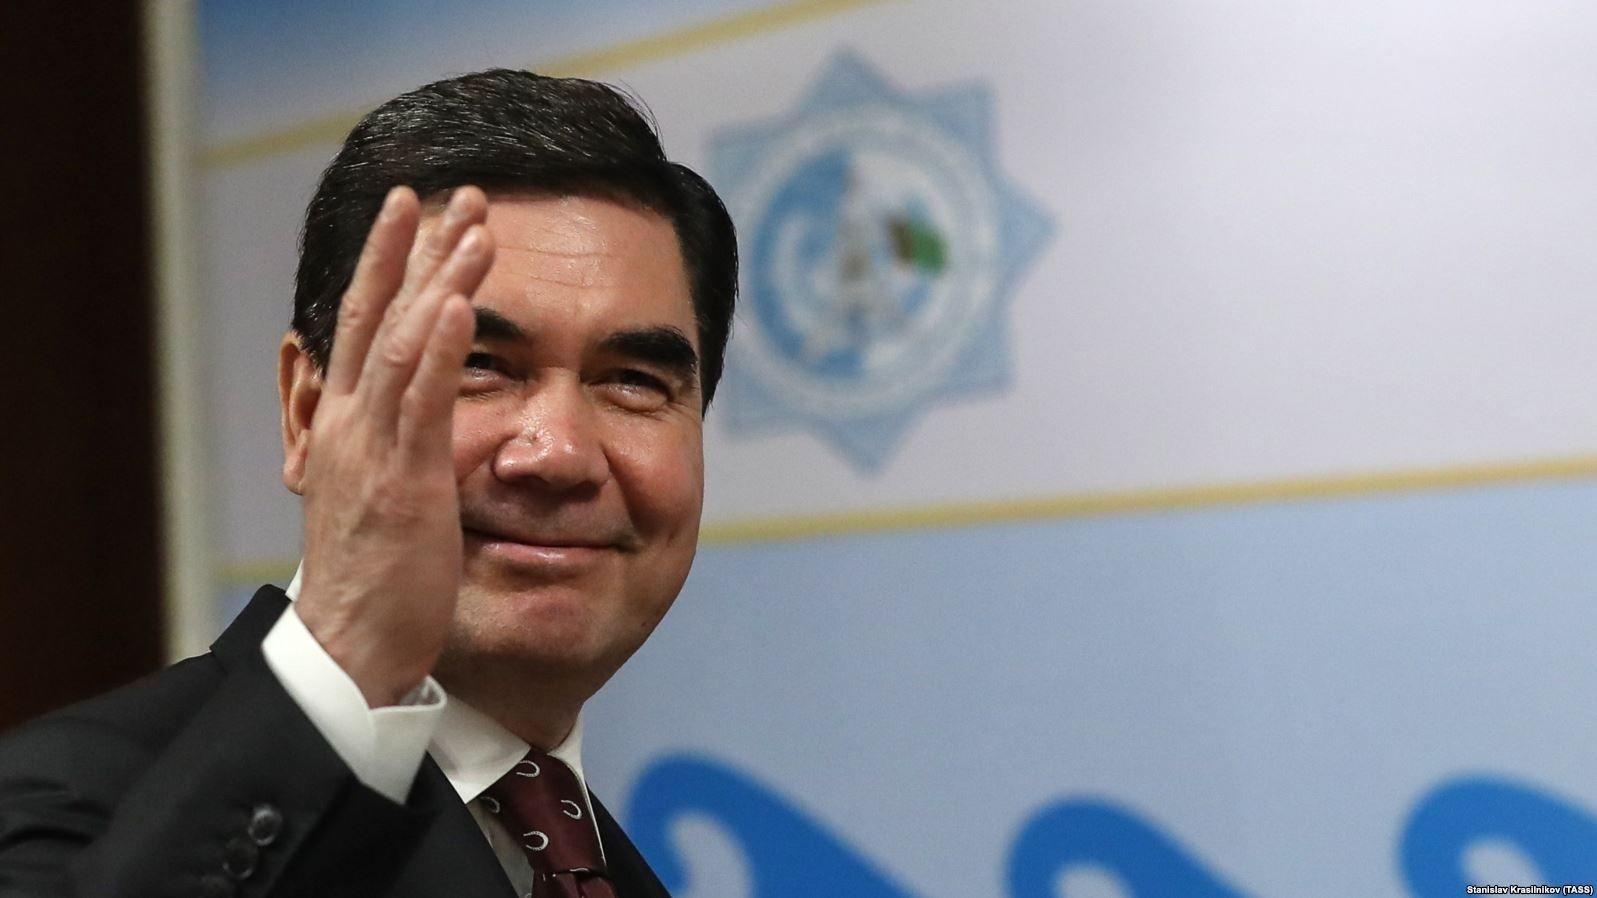 fccfbe_gurbanguly_berdymuhamedov_x974 Туркменистан улсад архины эсрэг хатуу хууль хэрэгжиж эхэллээ